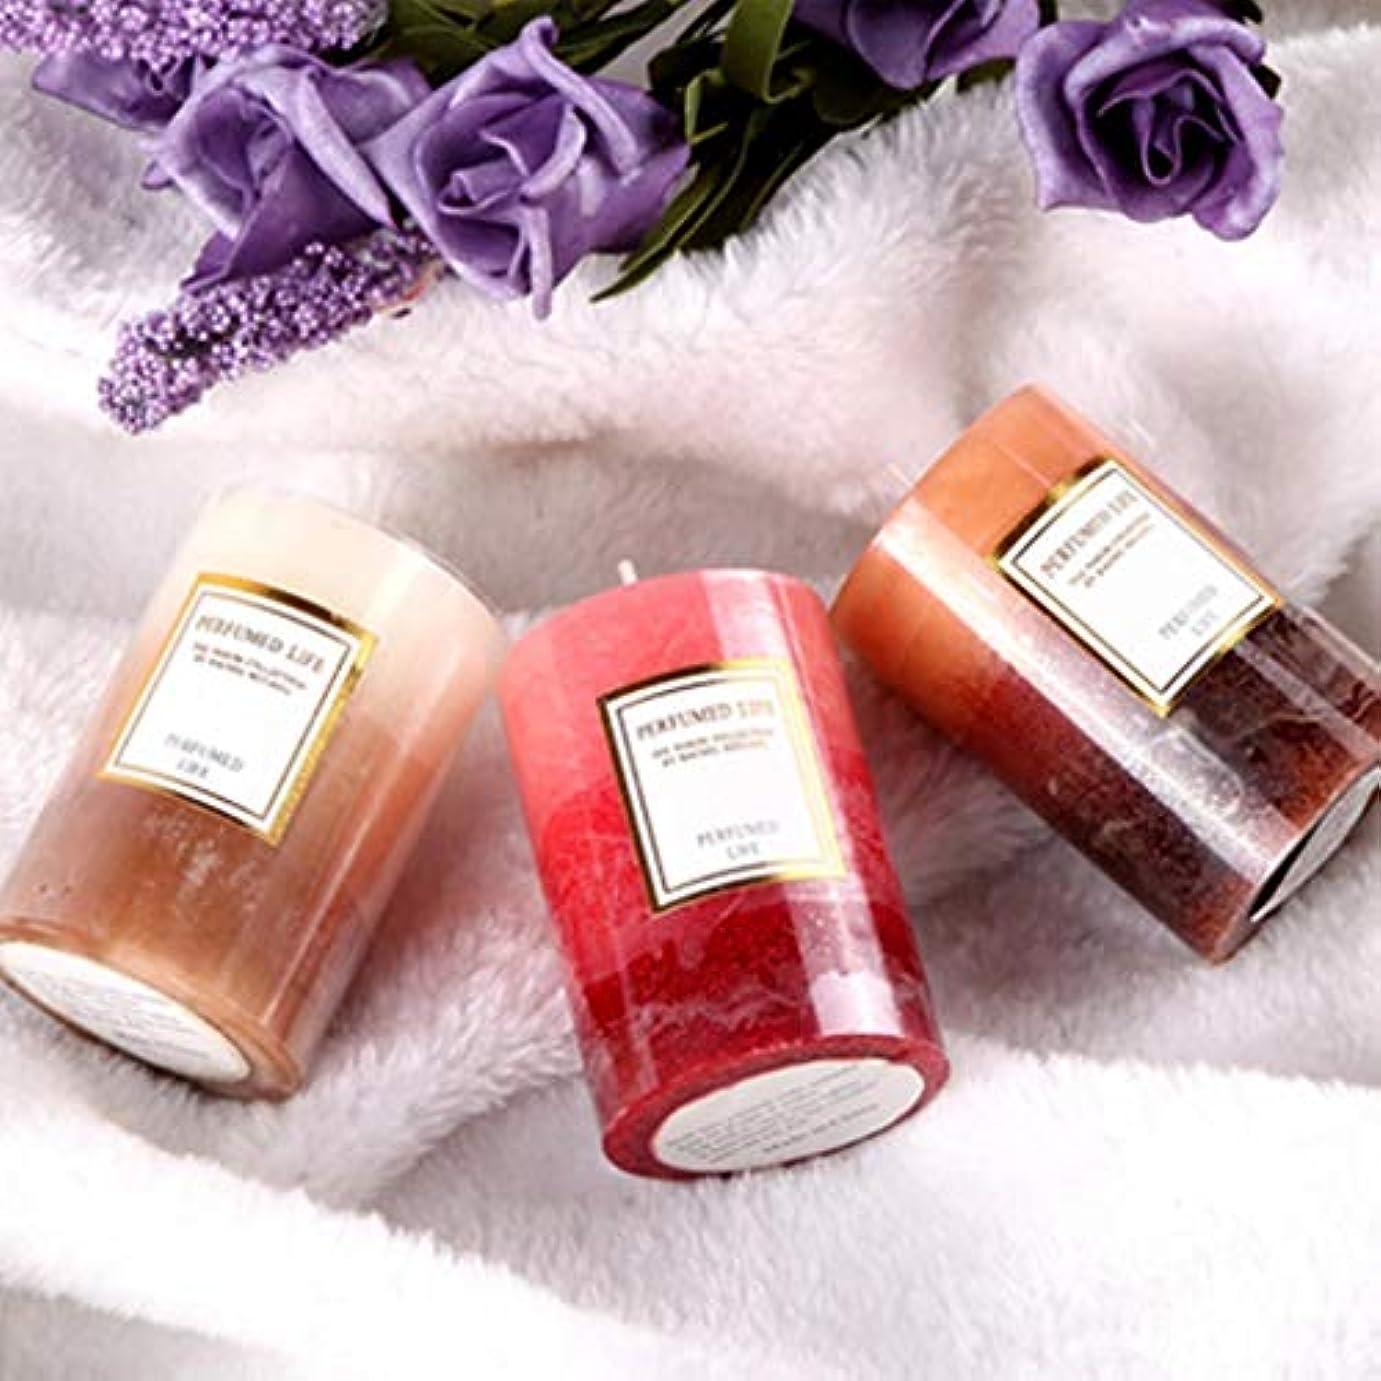 ラオハオ アロマキャンドルホーム植物大豆ワックス無煙香りロマンチック燃焼20時間3ピース 屋内アロマセラピー (Color : Mixed incense)